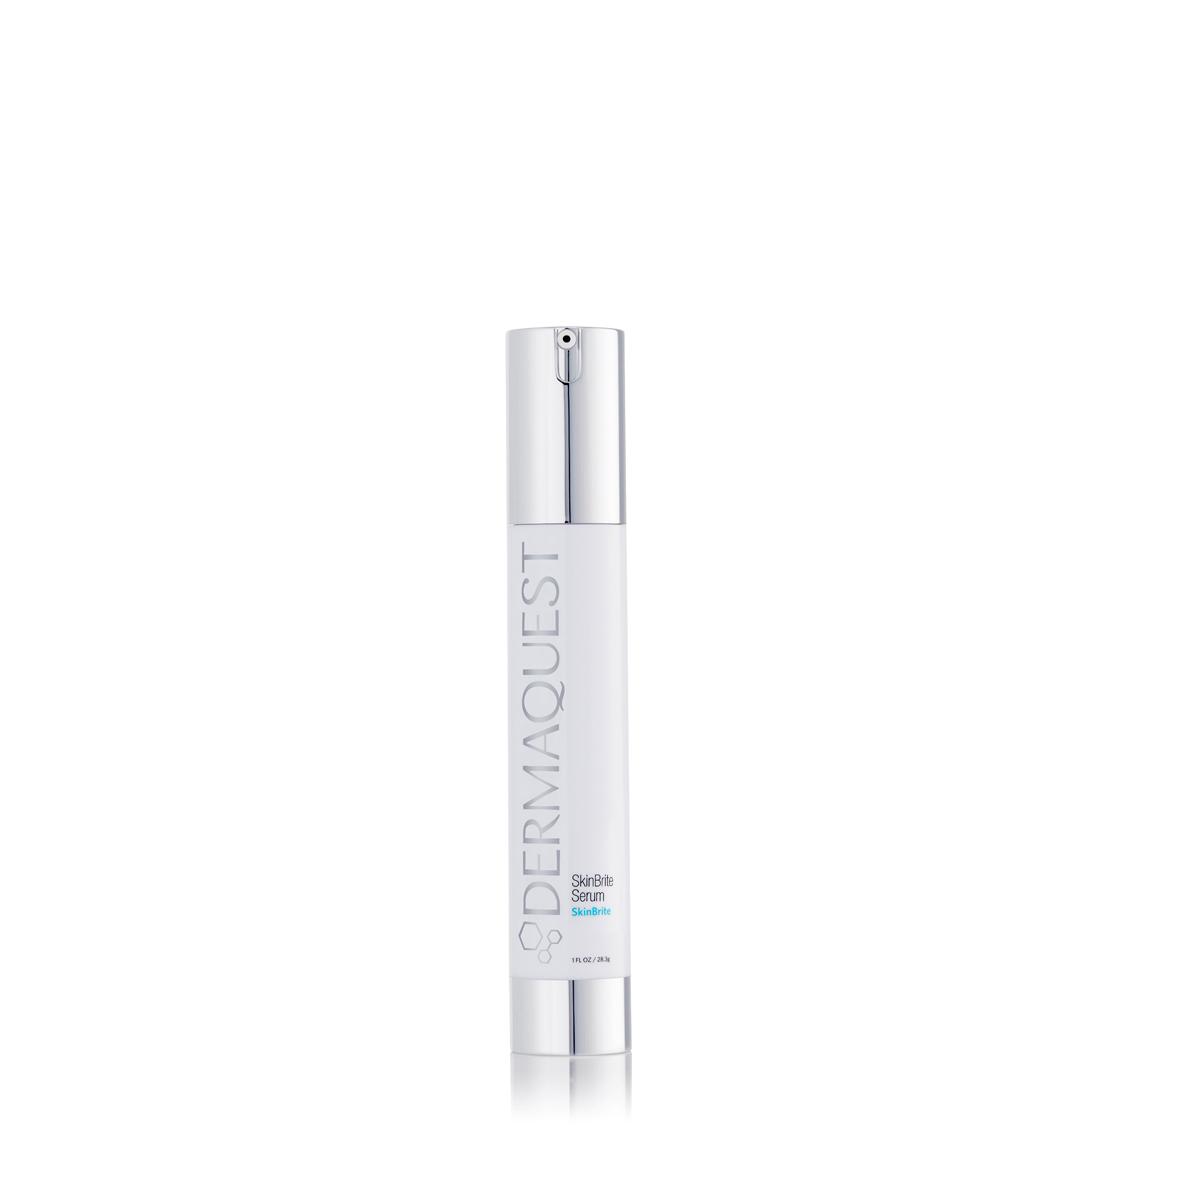 SkinBrite Serum- SkinBrite